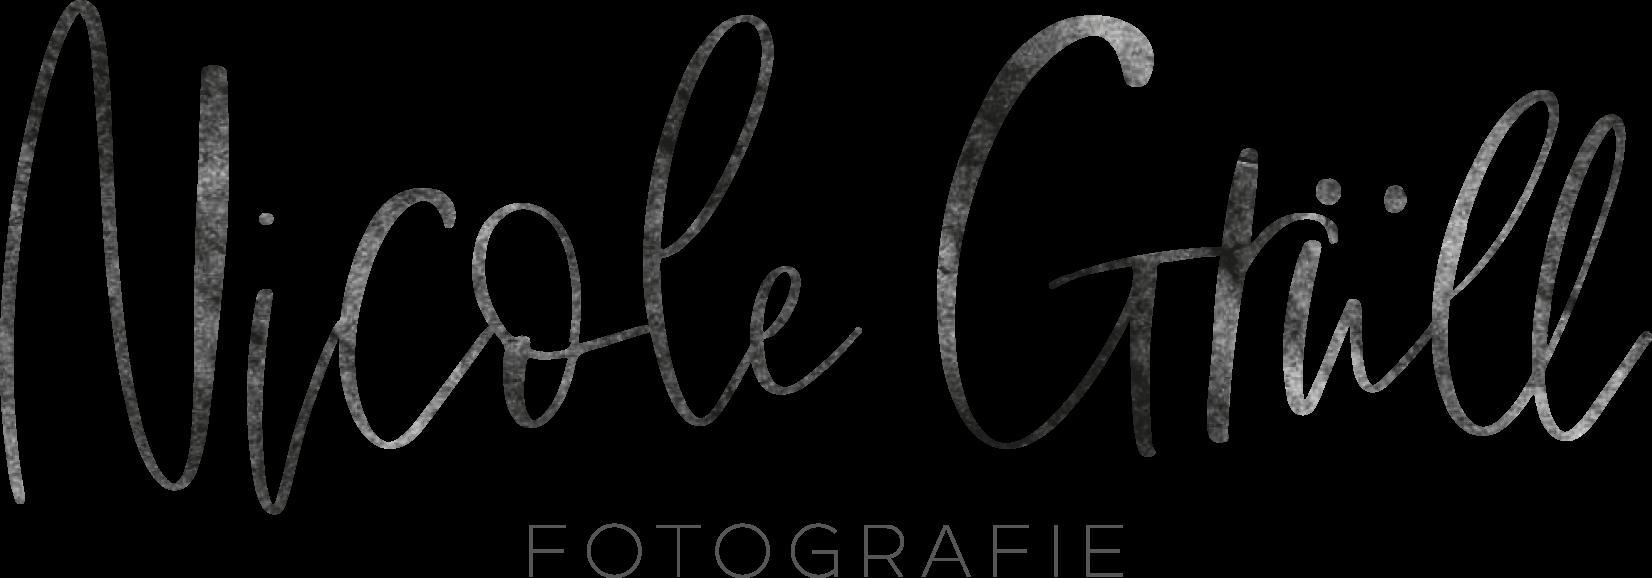 Nicole Grüll - Fotografie I Hochzeitsfotograf Regensburg, München, Straubing